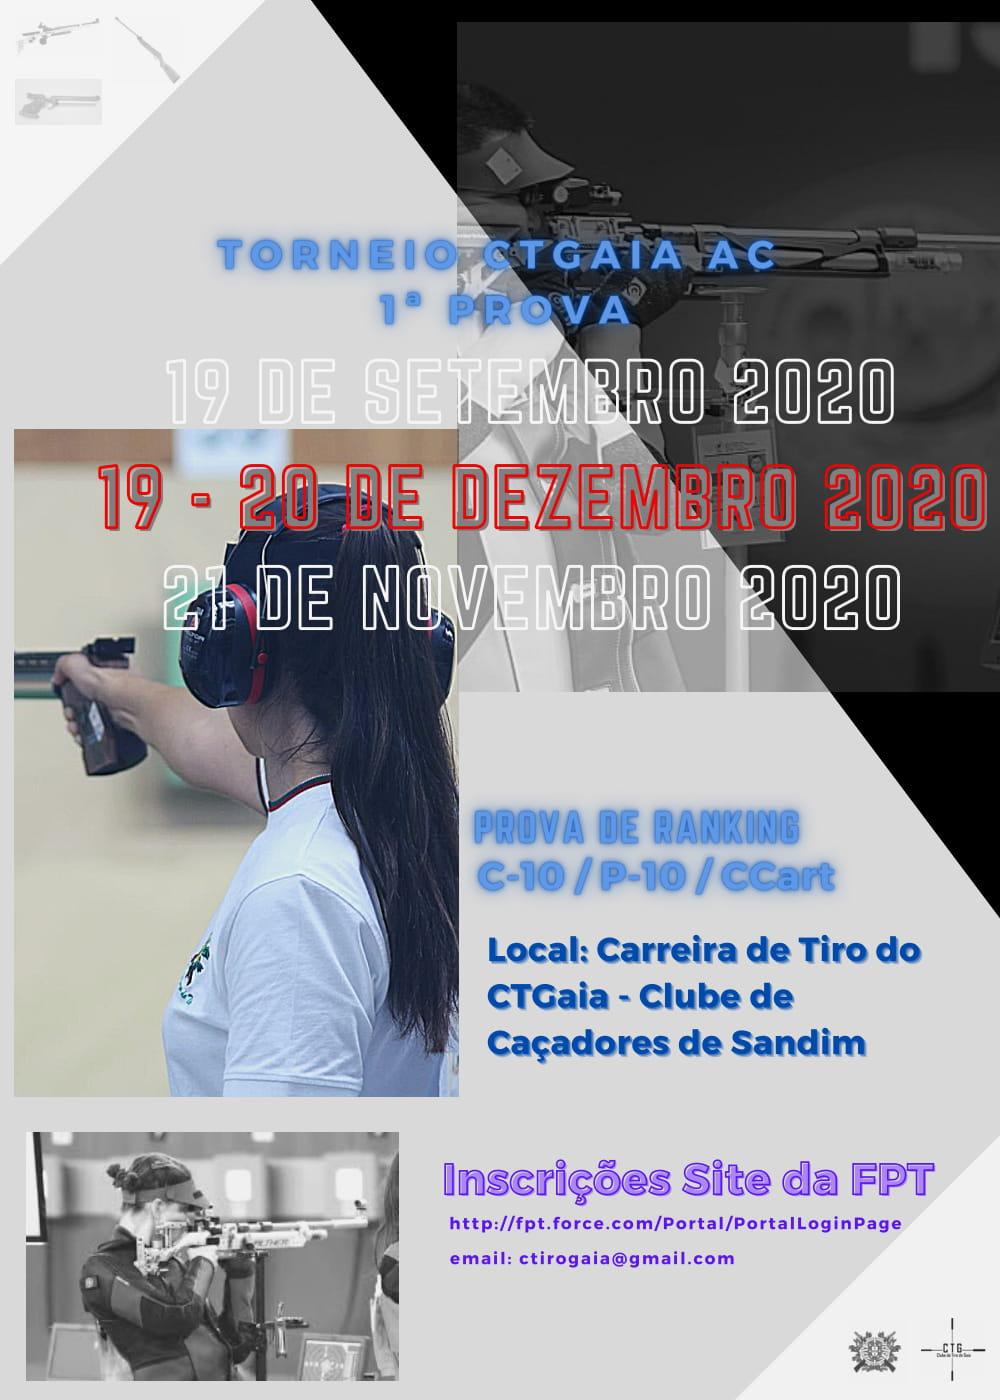 Torneio CTGaia AC 2020